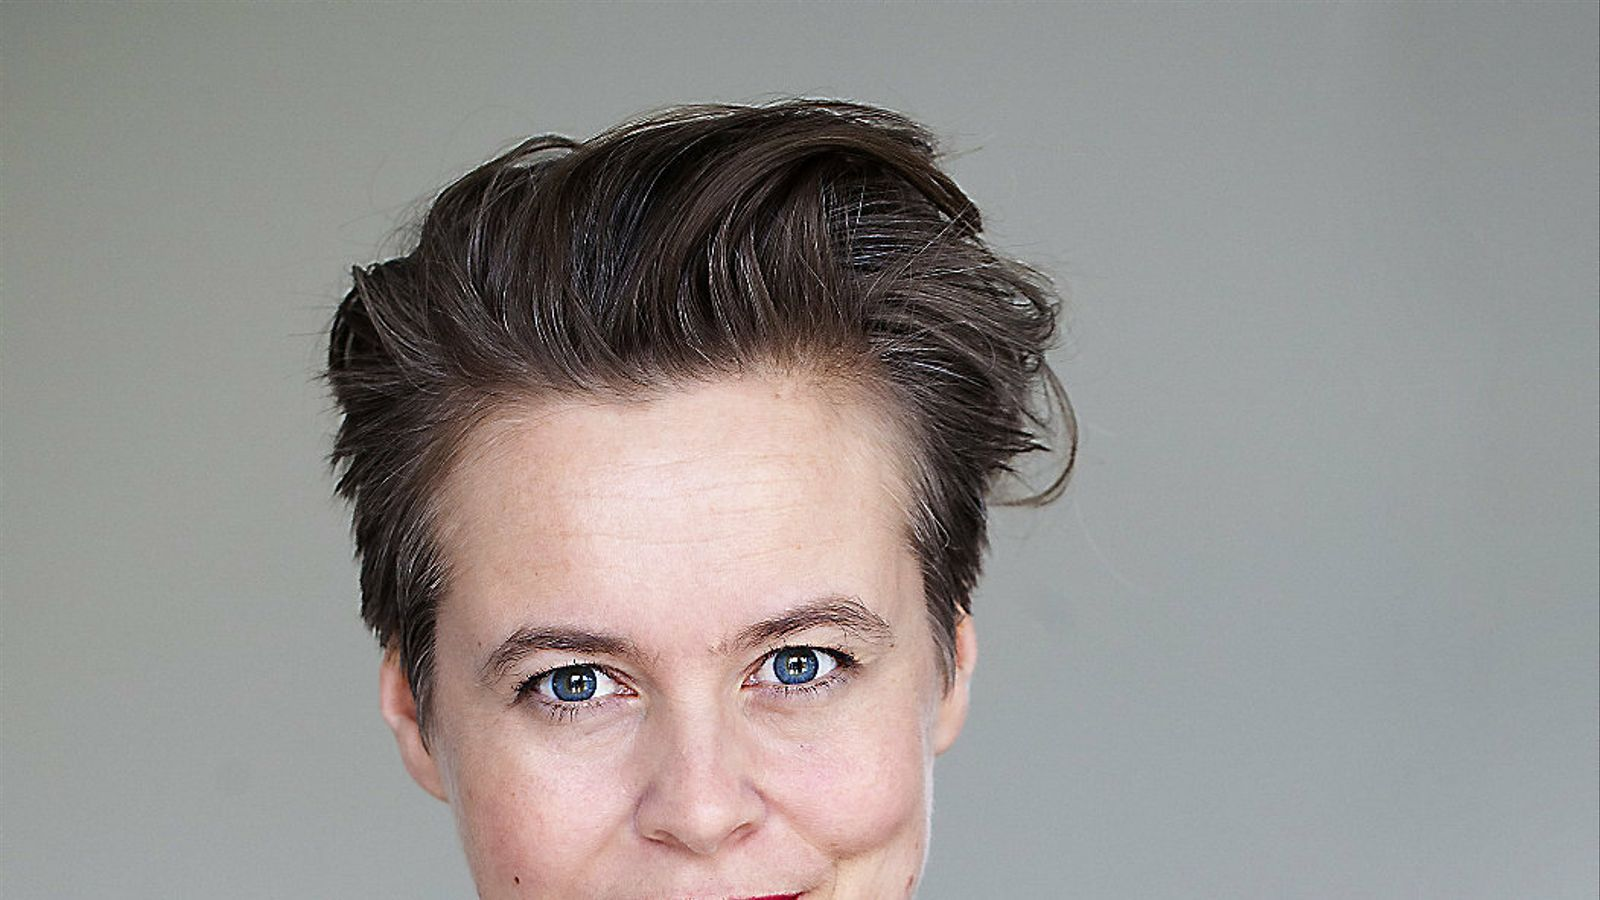 La periodista sueca Anna Dahlqvist, directora editorial de la revista Ottar, està especialitzada en gènere, sexualitat i drets humans.